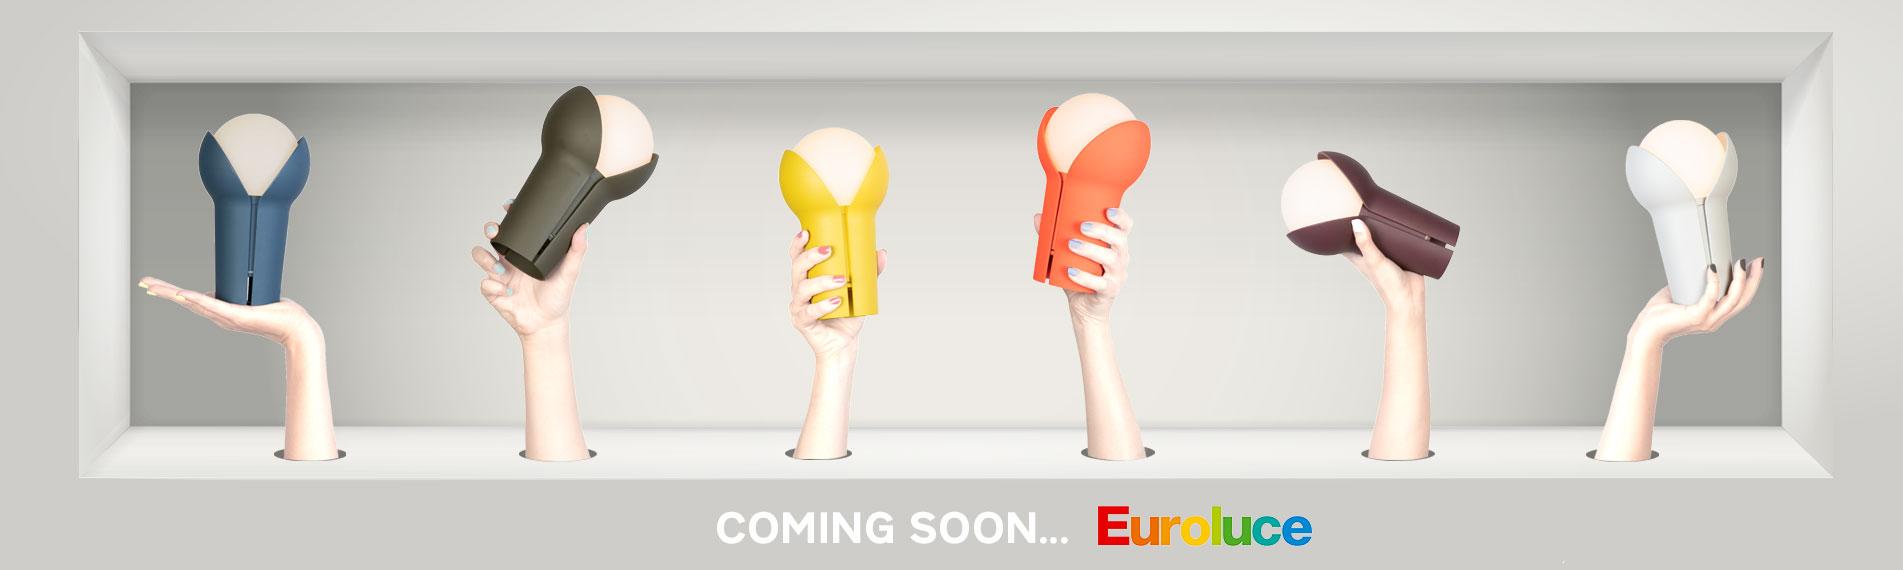 Euroluce, Milan 2019 Banner